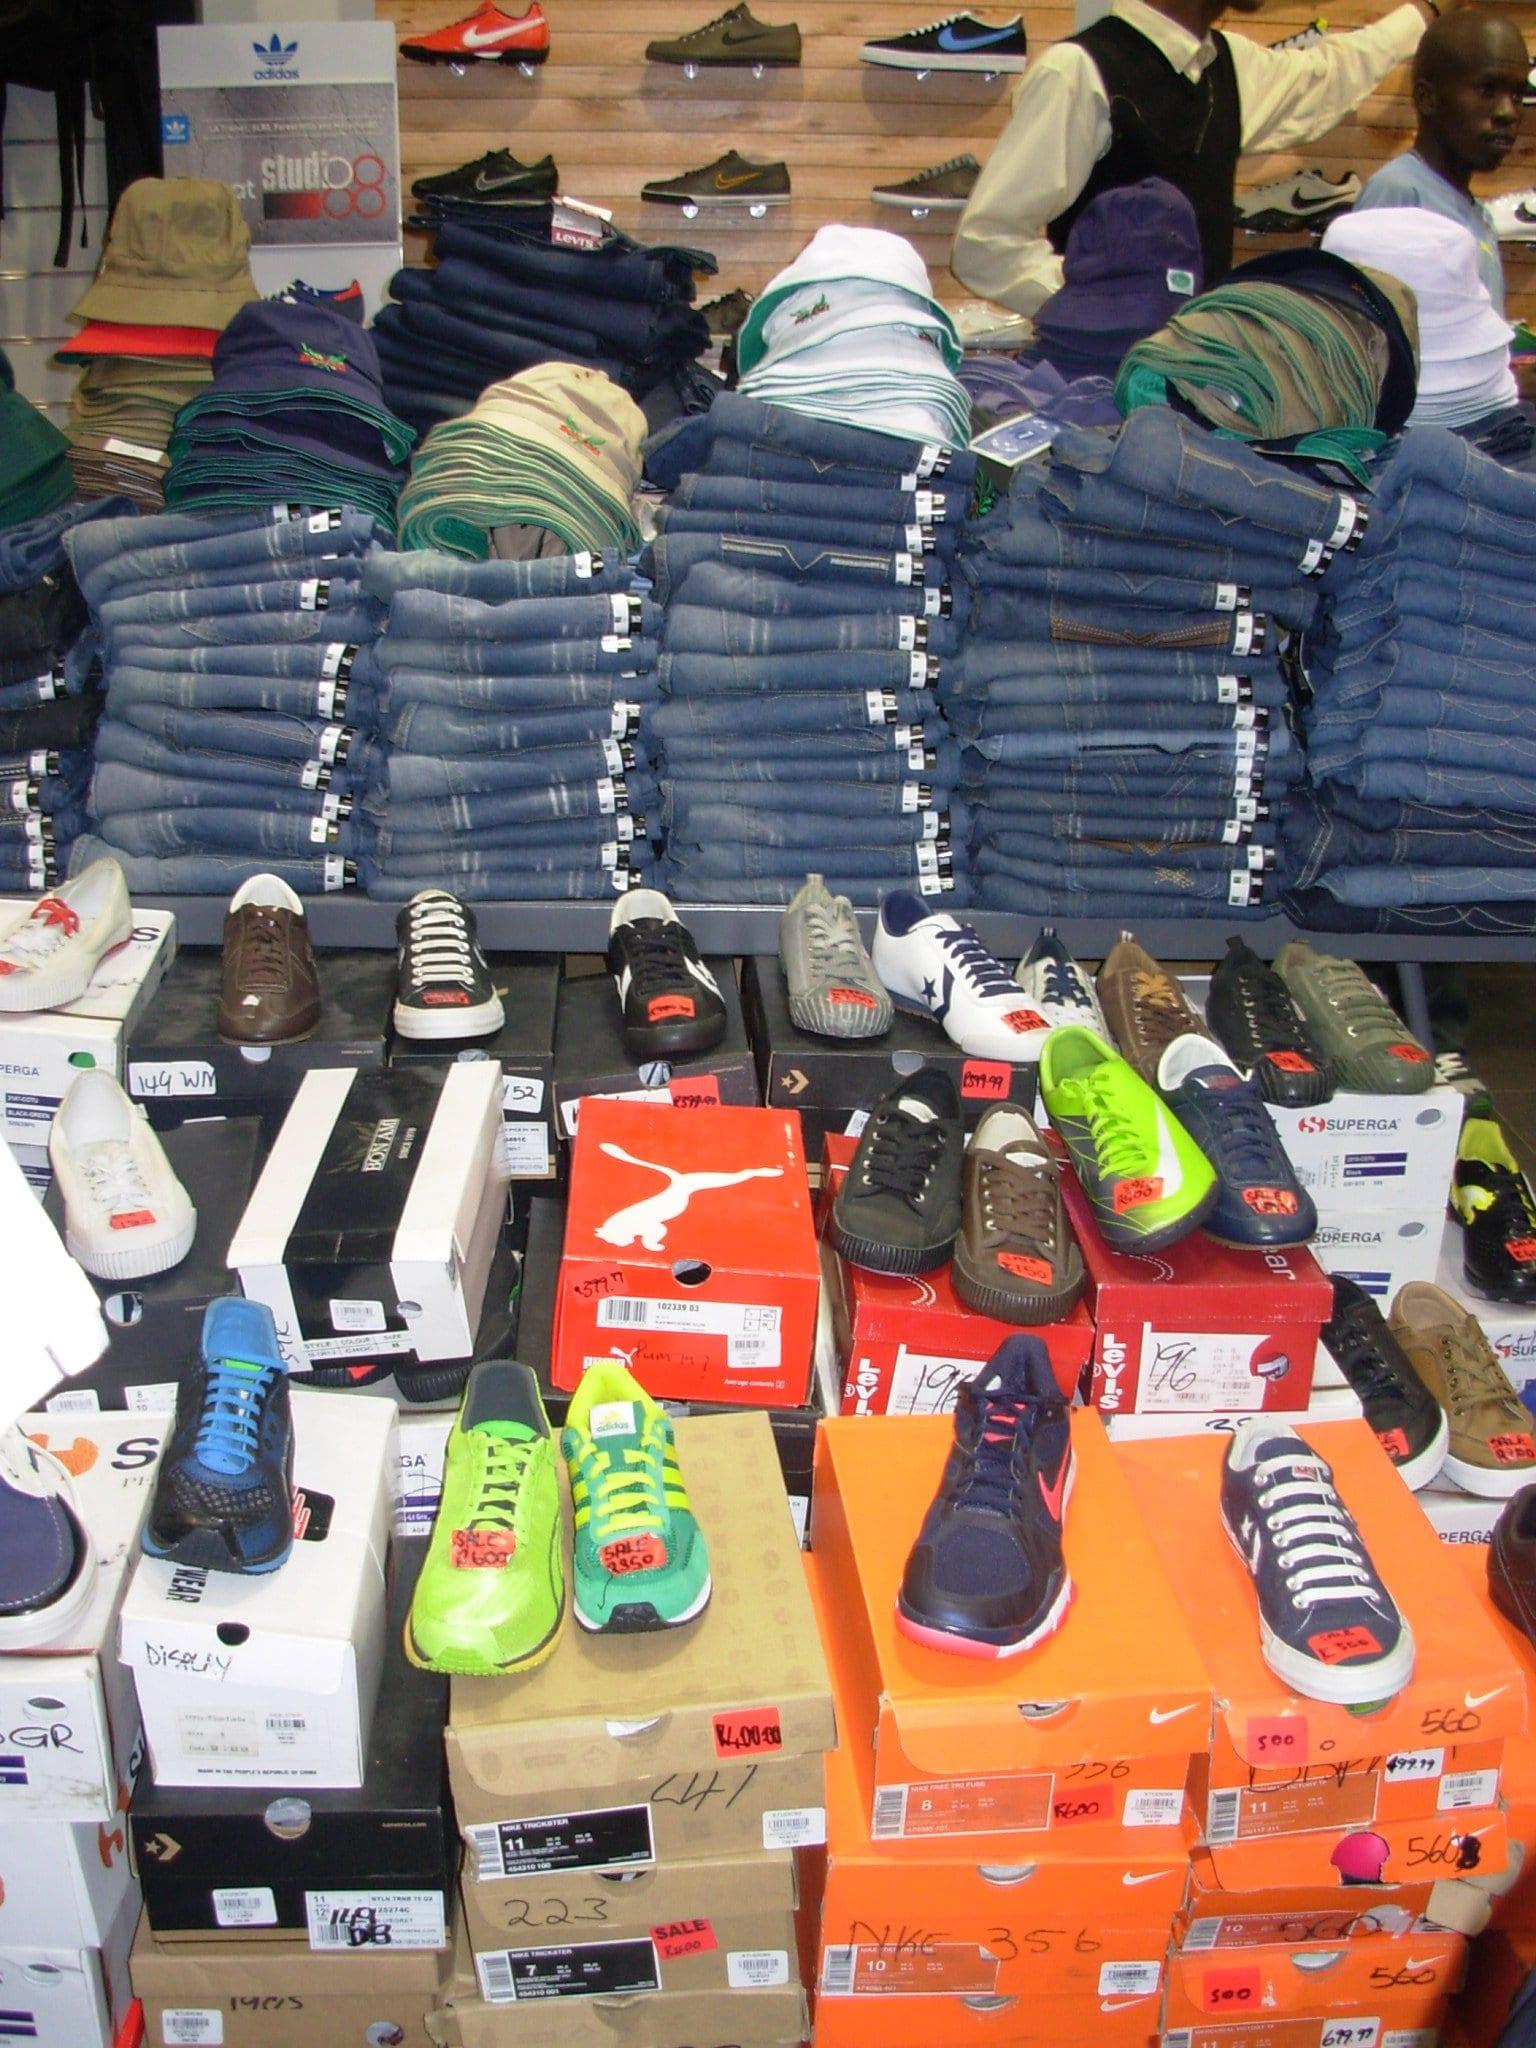 Studio 88 best men's clothing shop in Johannesburg